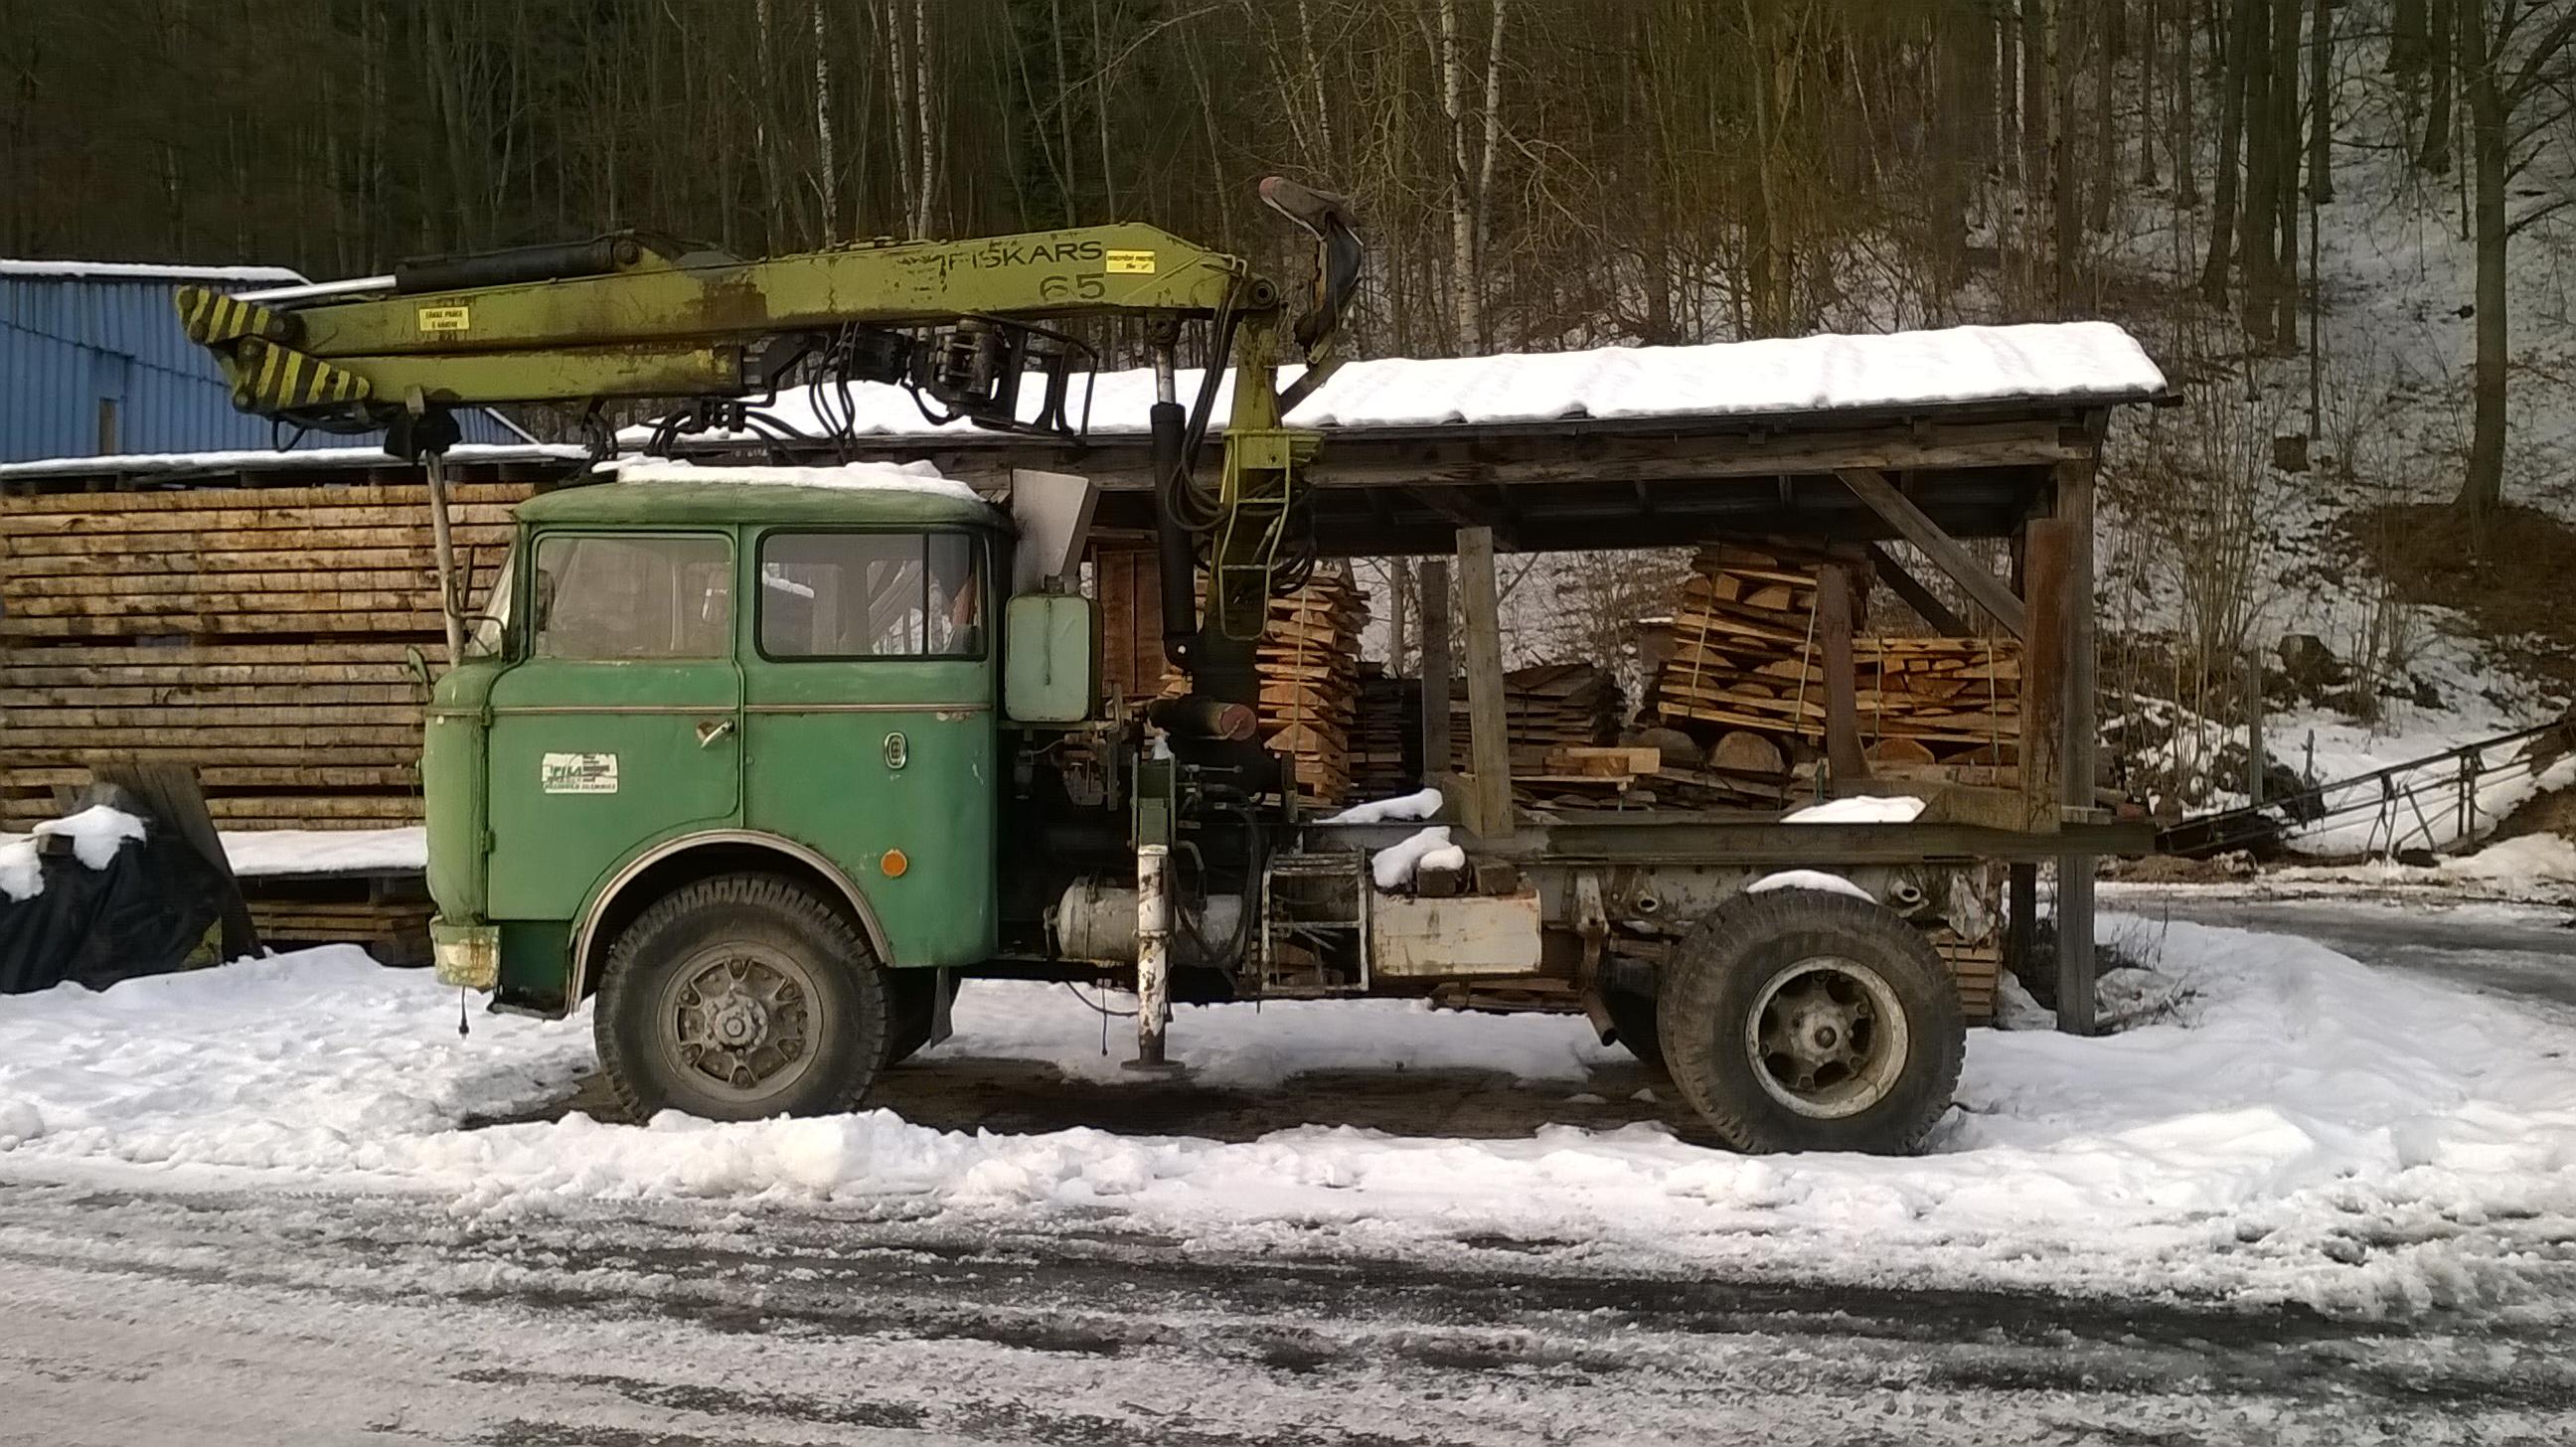 File:Škoda-706-RTP-dřevař Hrabačov-WP20161205142453.jpg